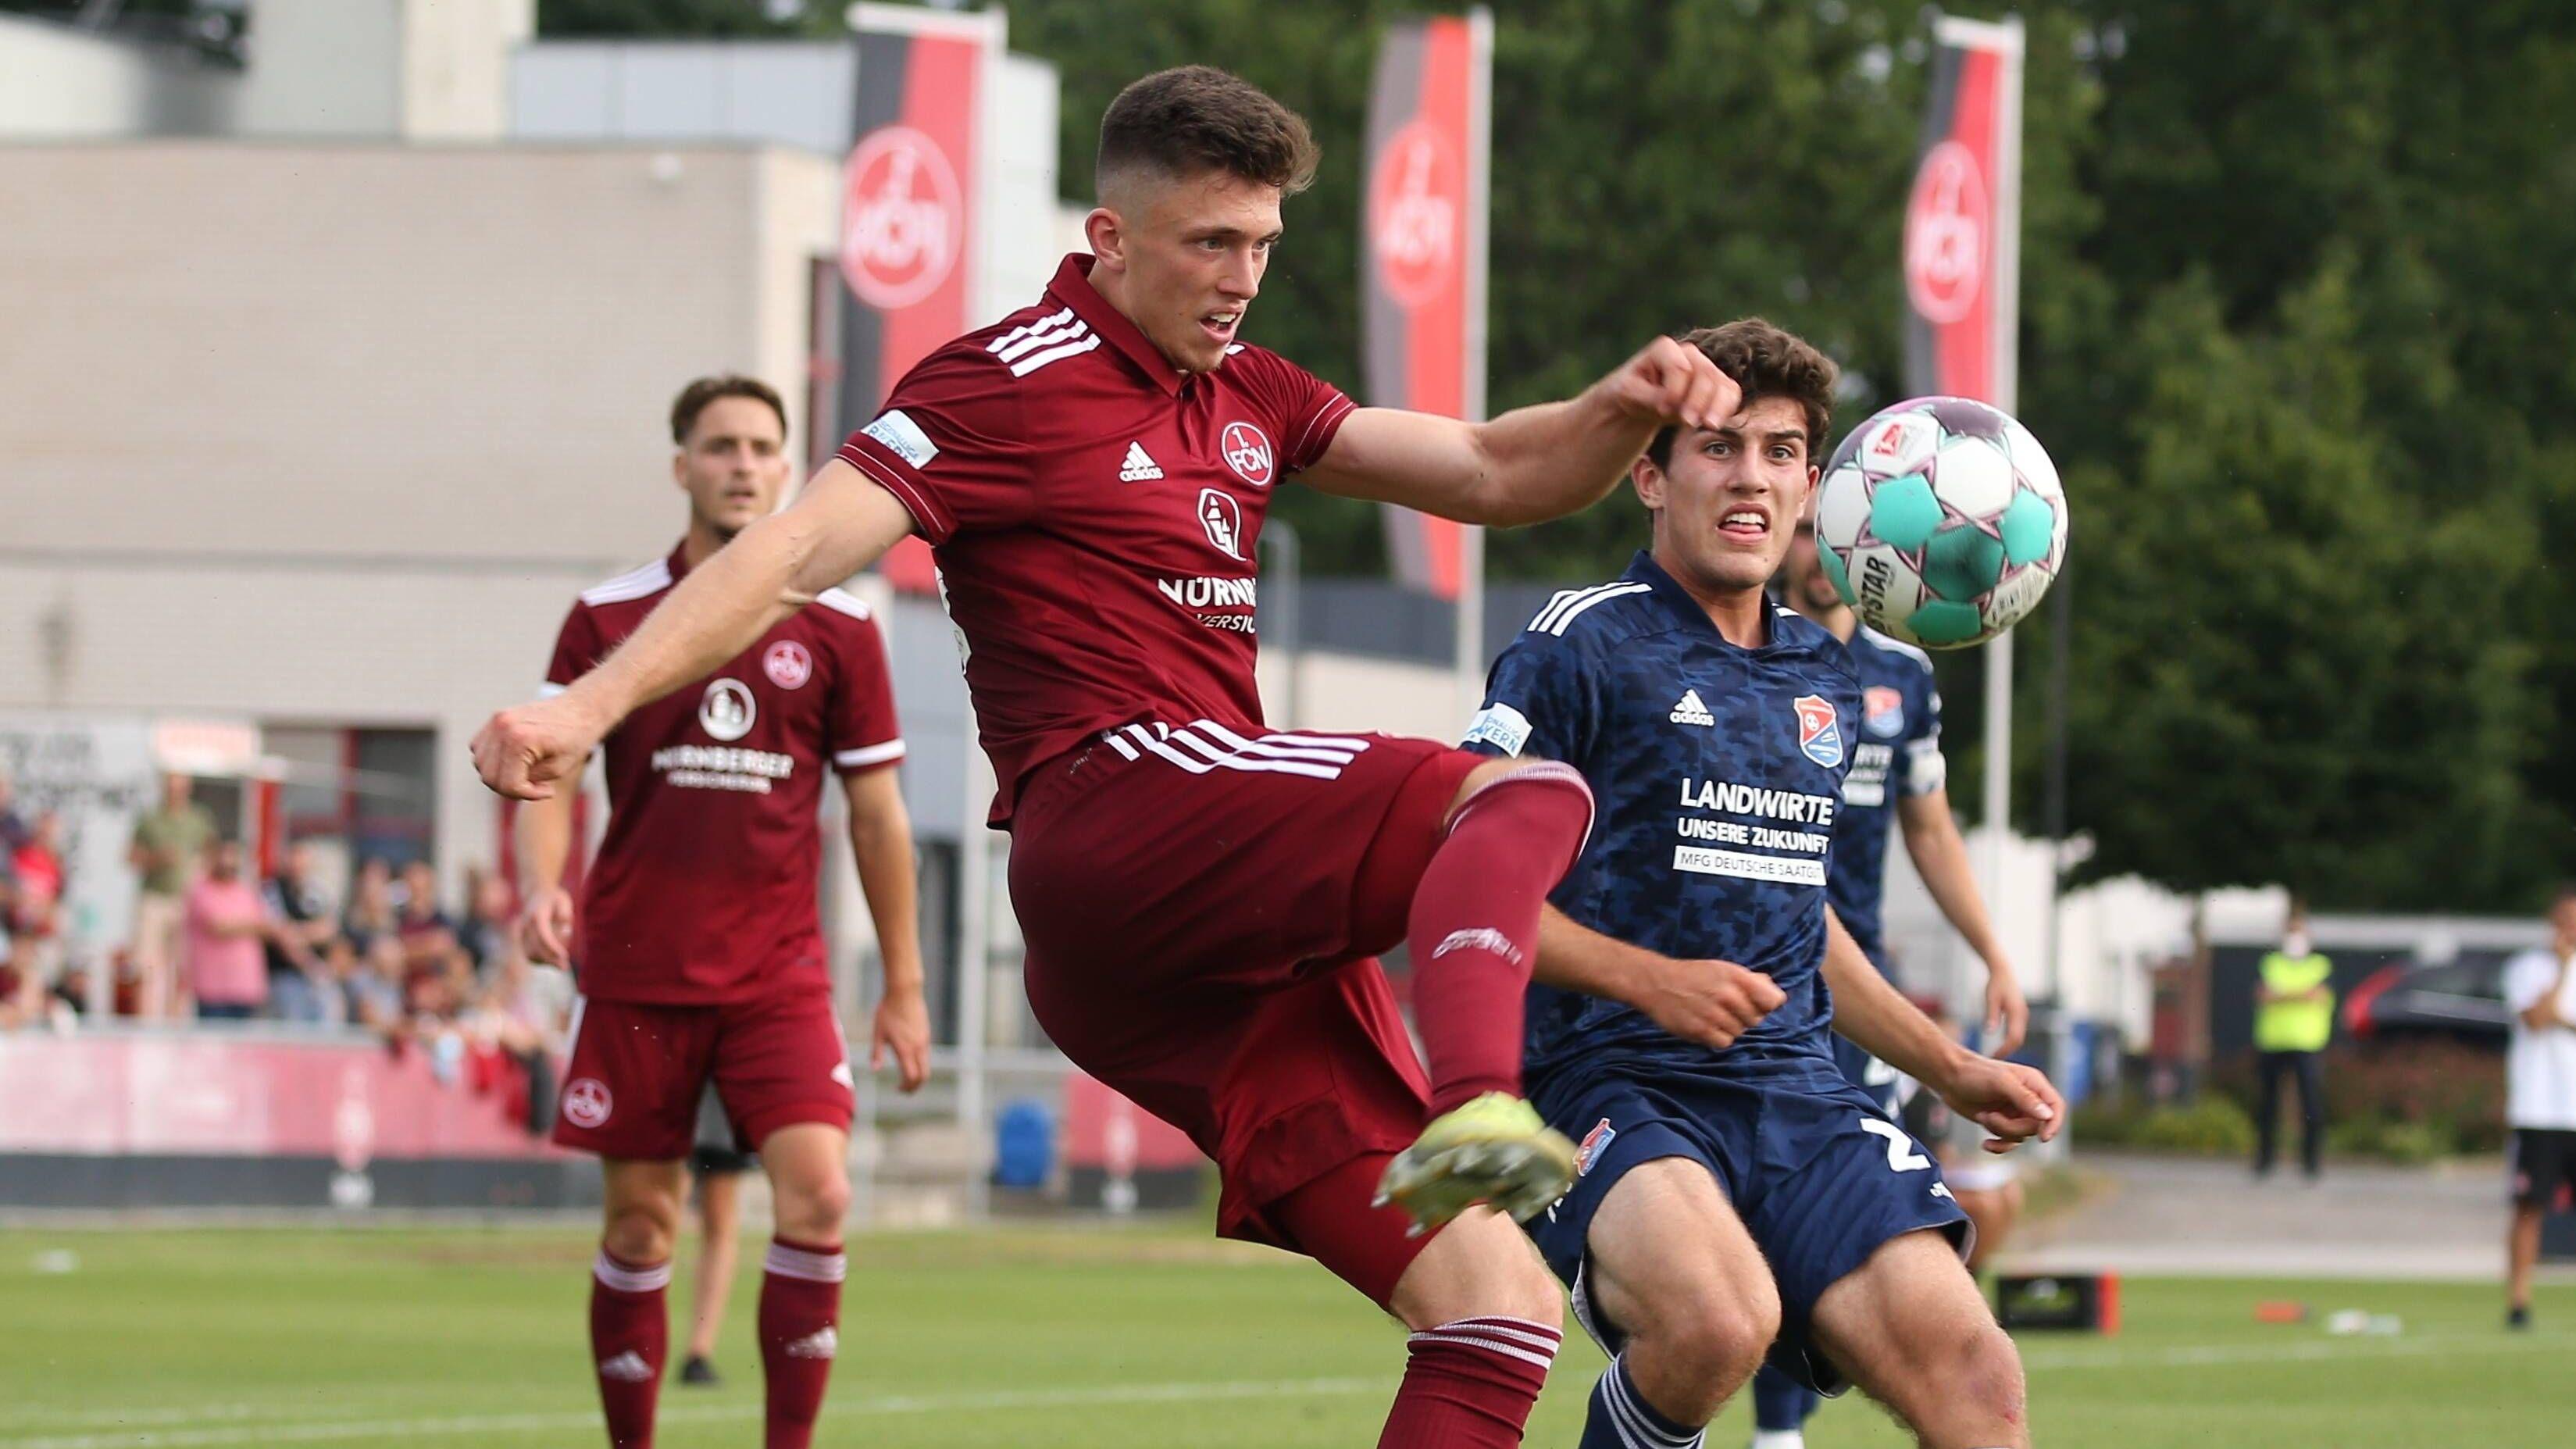 DFB sperrt Rosenlöcher